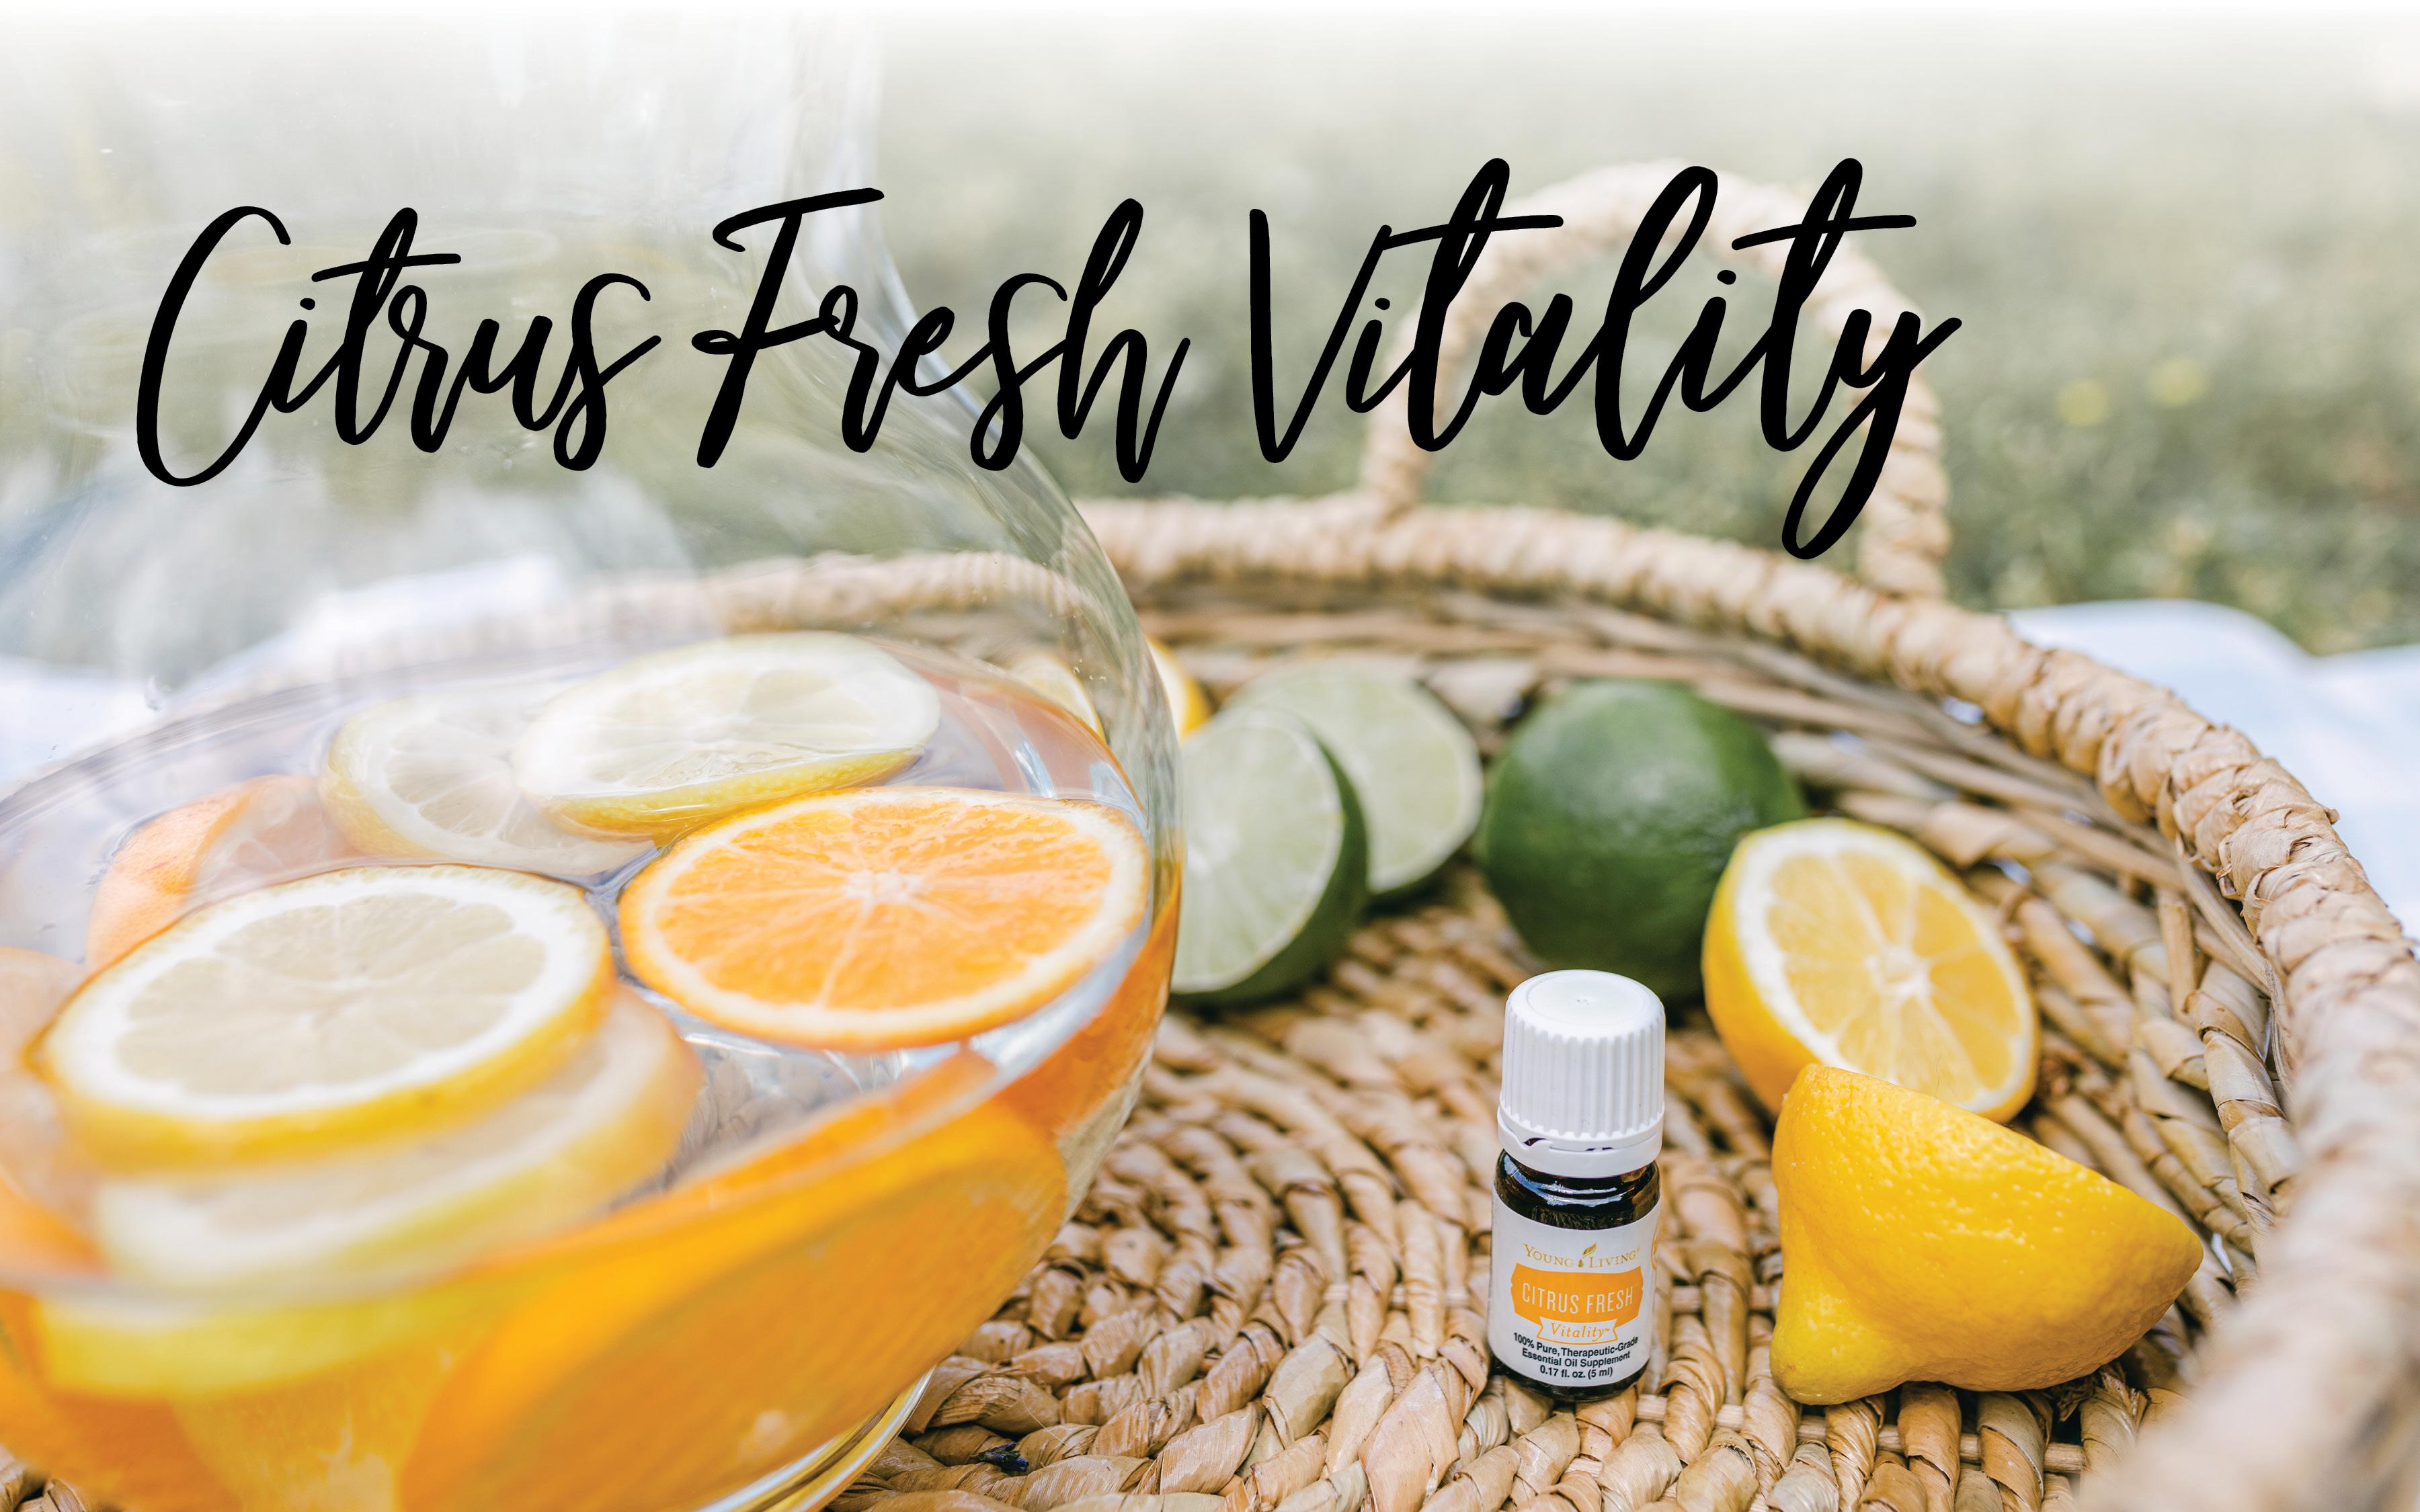 citrus fresh vitality